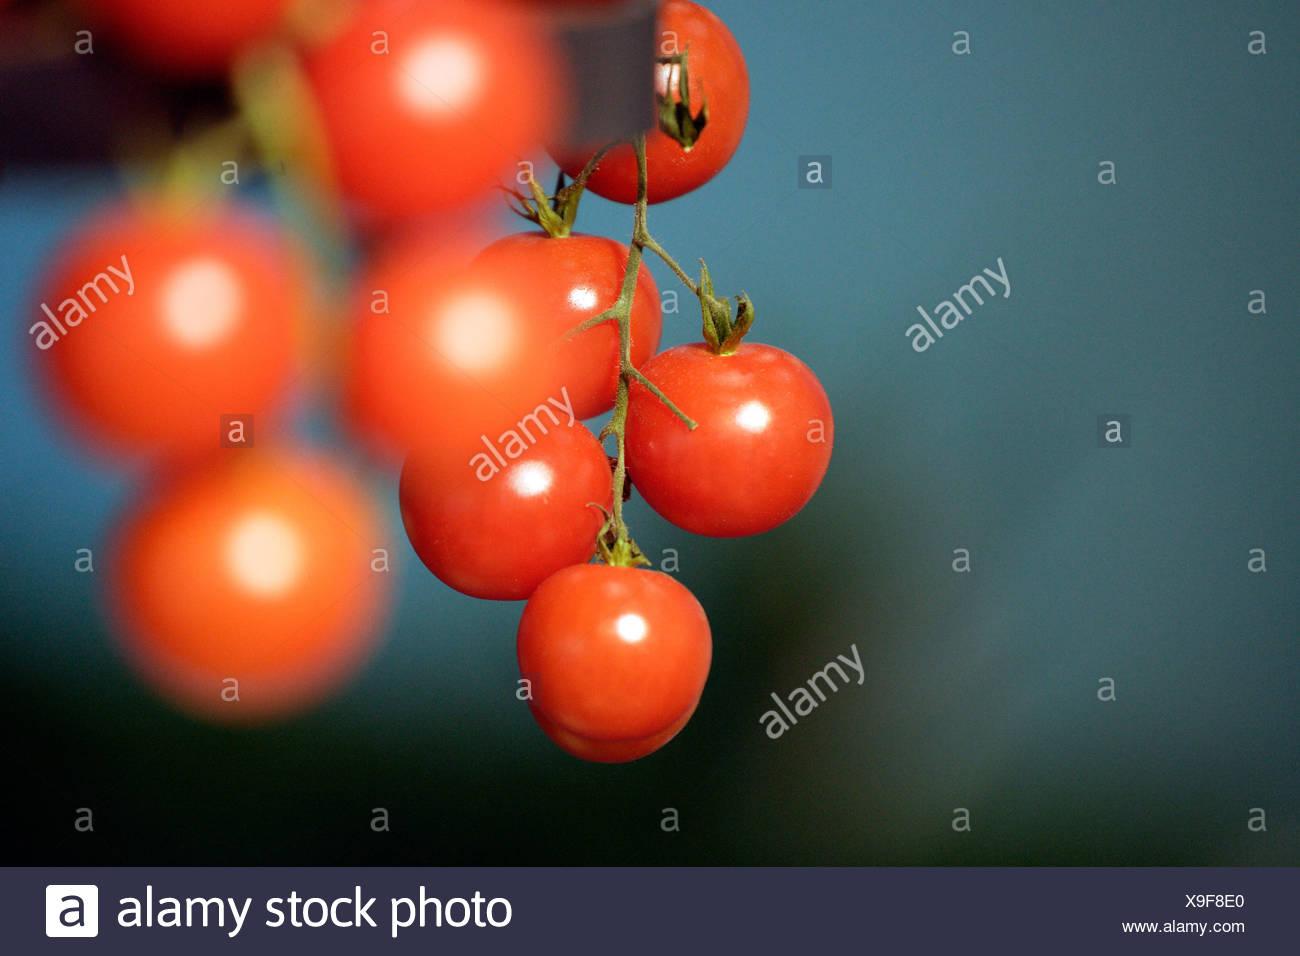 Berlin, Tomaten Stockbild